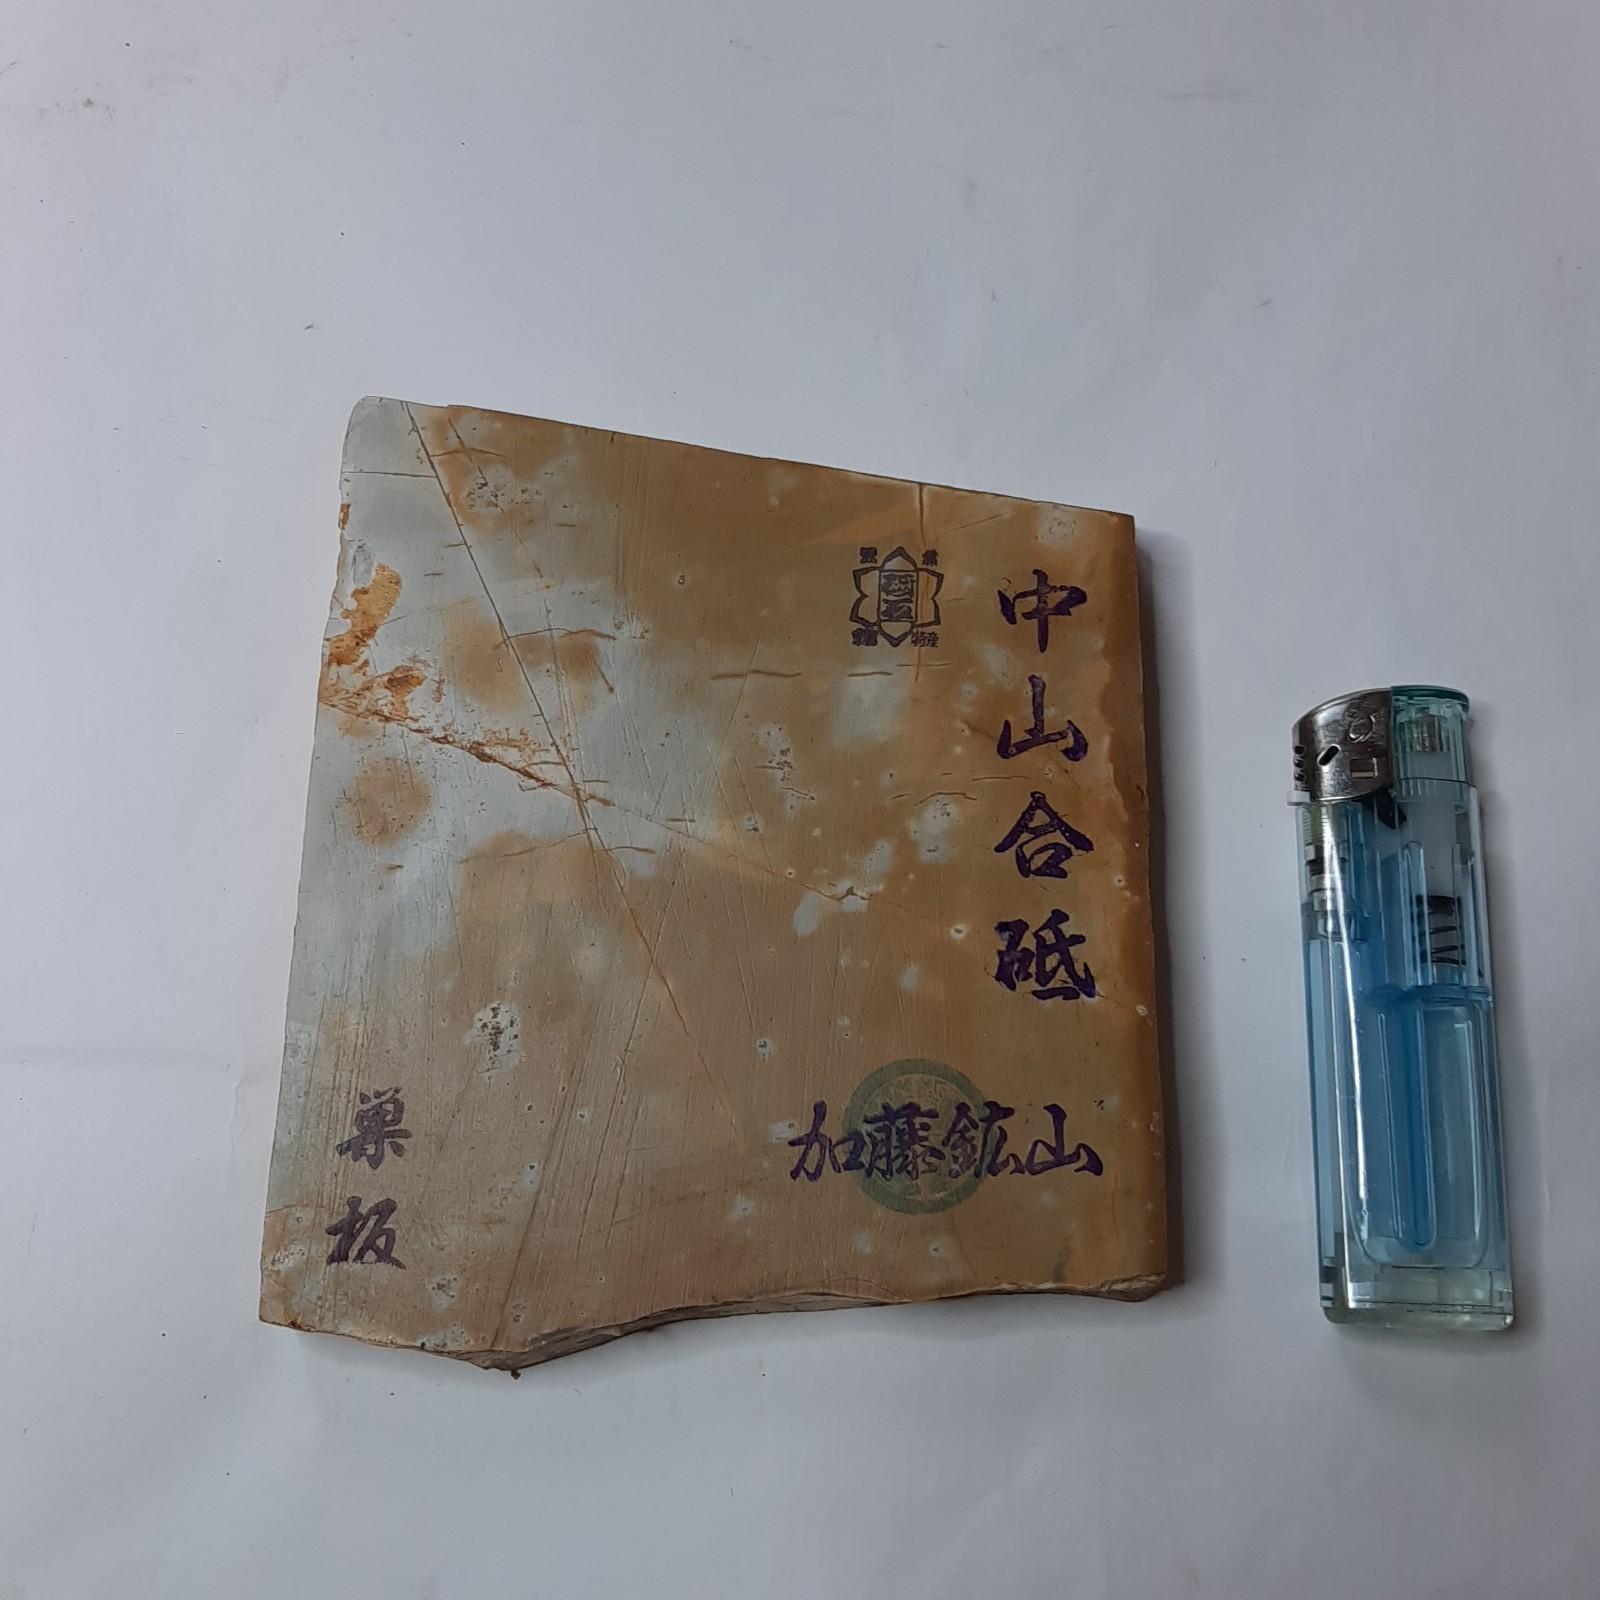 中山 コッパ No.217  巣板 【超仕上用天然砥石】